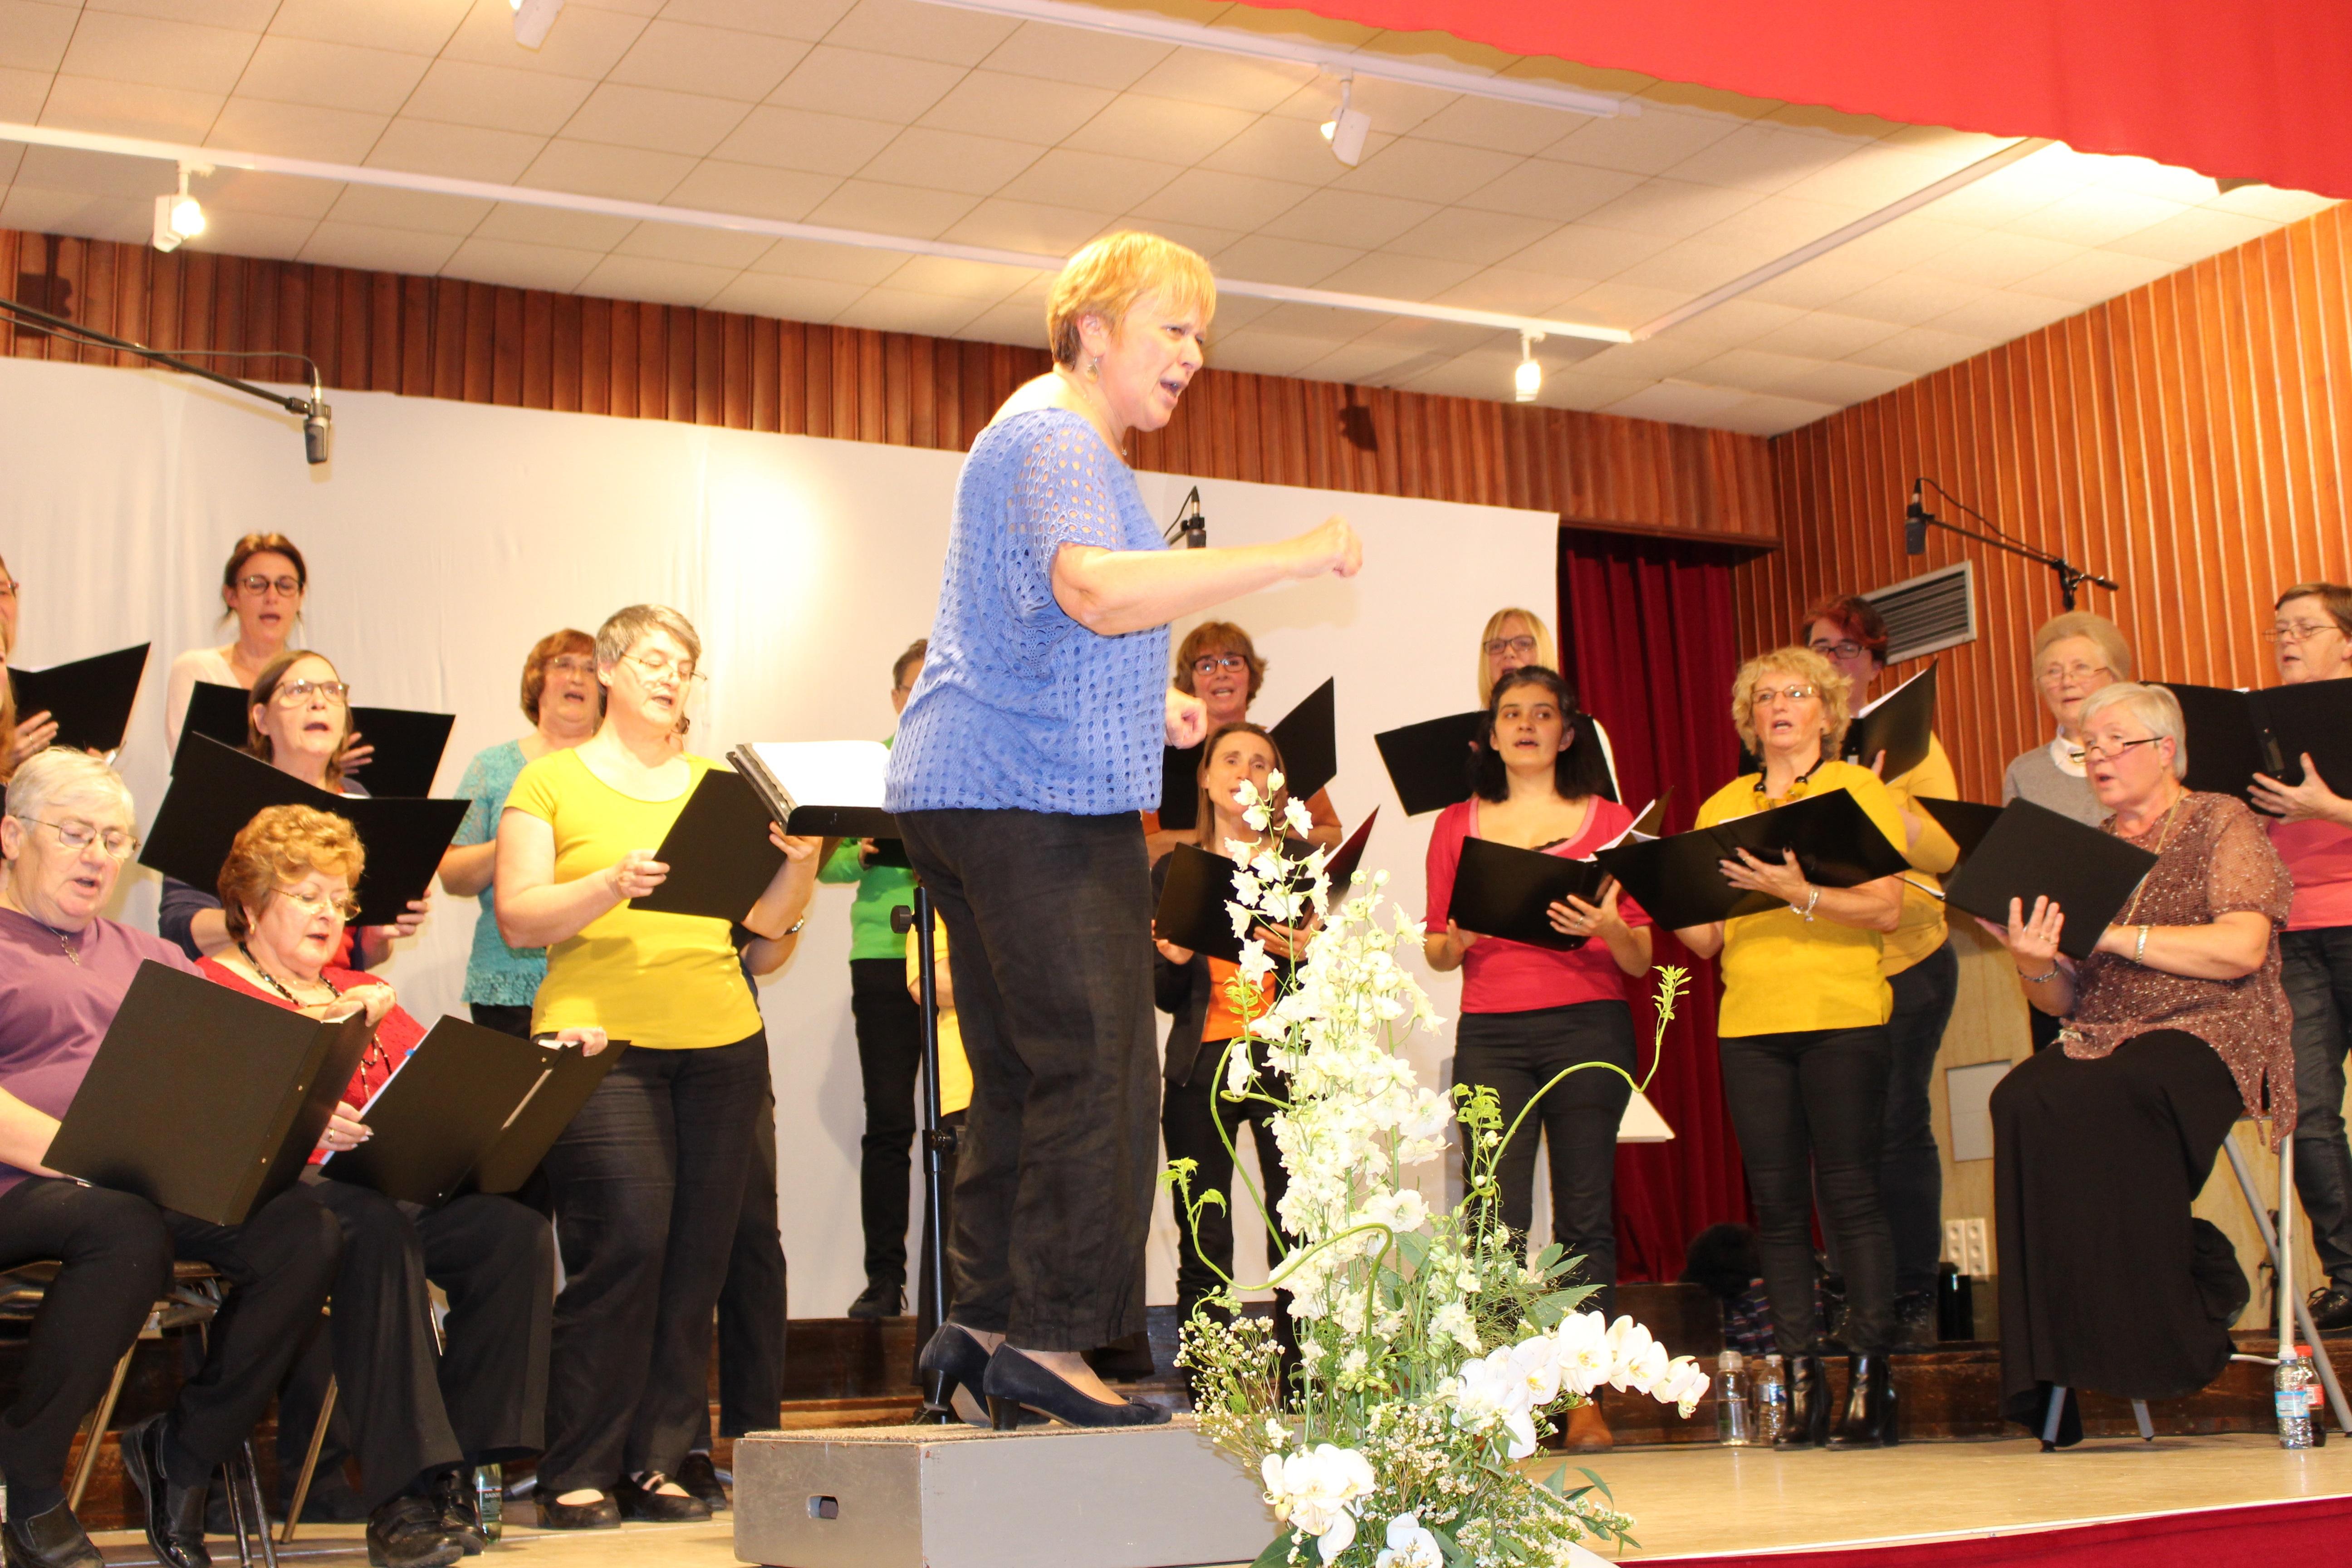 Concert de la chorale Serenata, le dimanche 22/04 à 18h